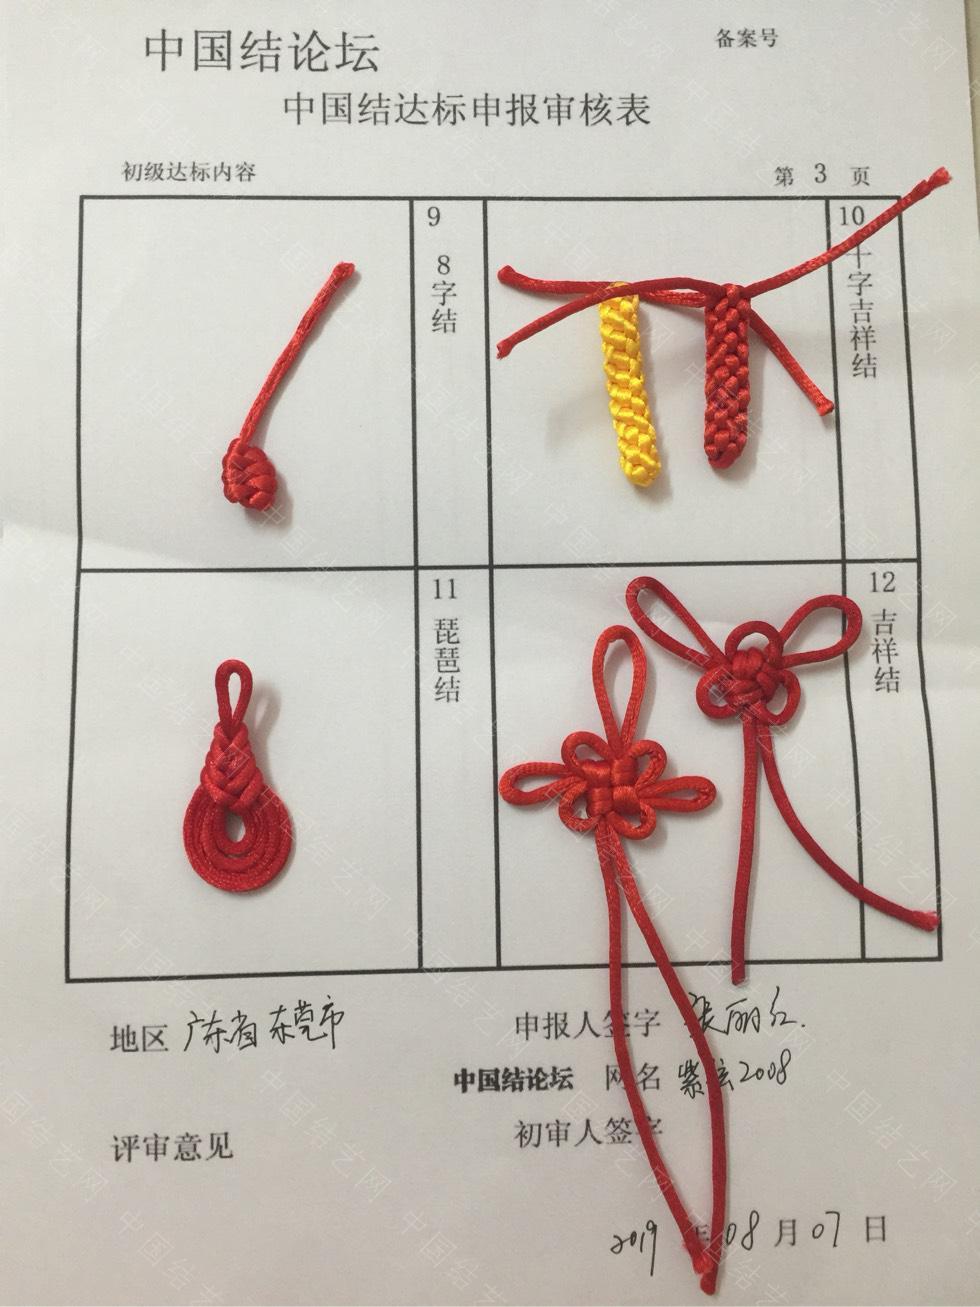 中国结论坛 紫弦2008--初级达标申请稿件 紫袖红弦是什么意思,自备稿件《我》,蓬莱间紫弦插曲,安全小稿件 中国绳结艺术分级达标审核 004516bsxez8ec4ic8cite